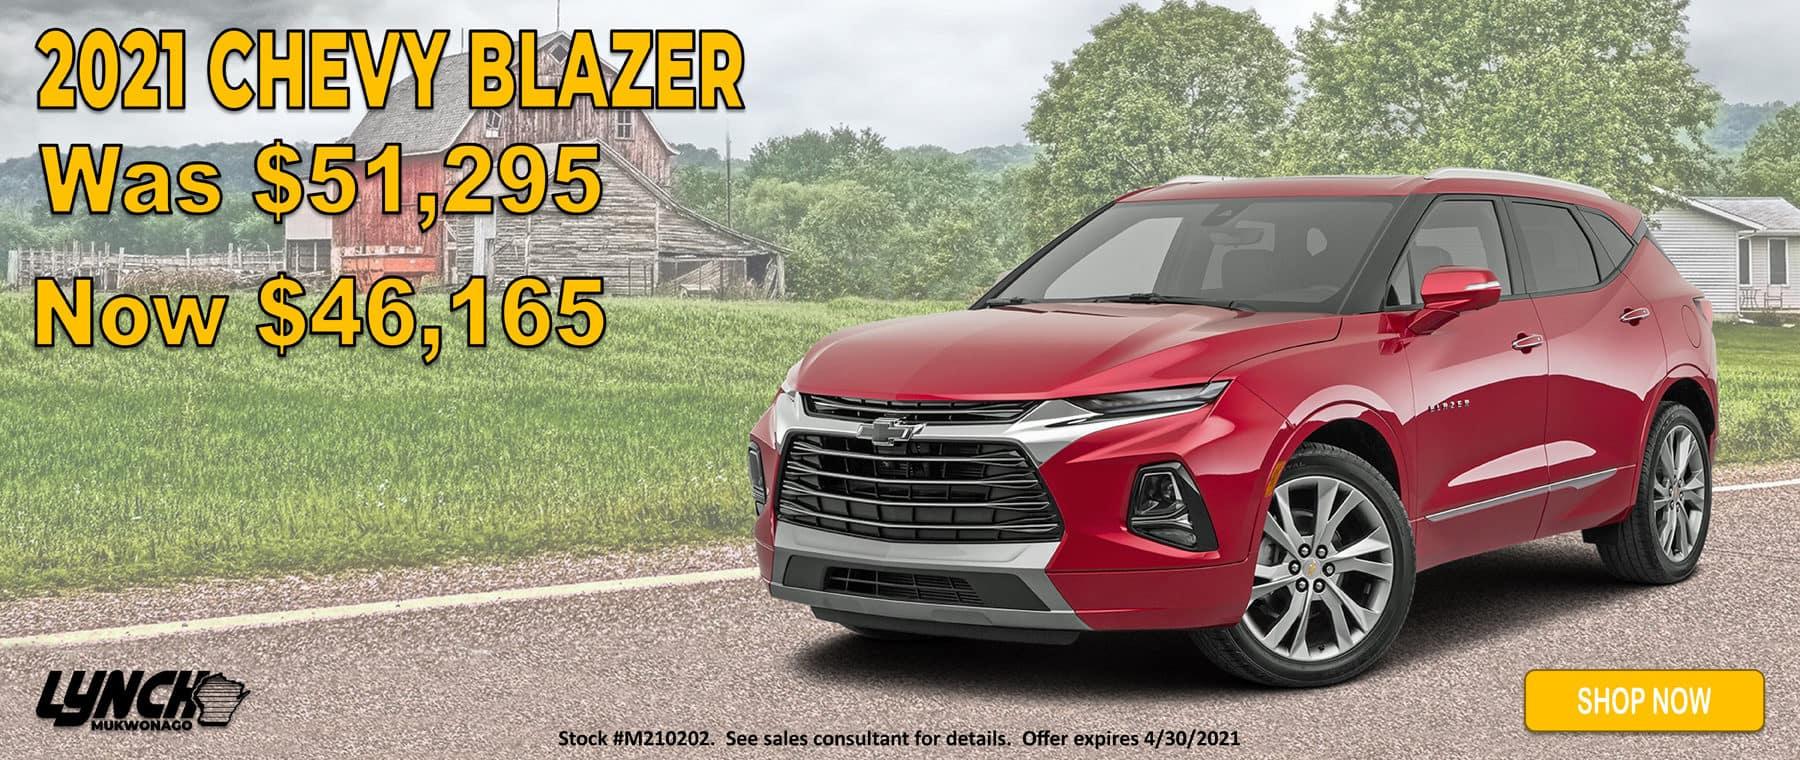 2021 Chevy Blazer on sale in Mukwonago WI